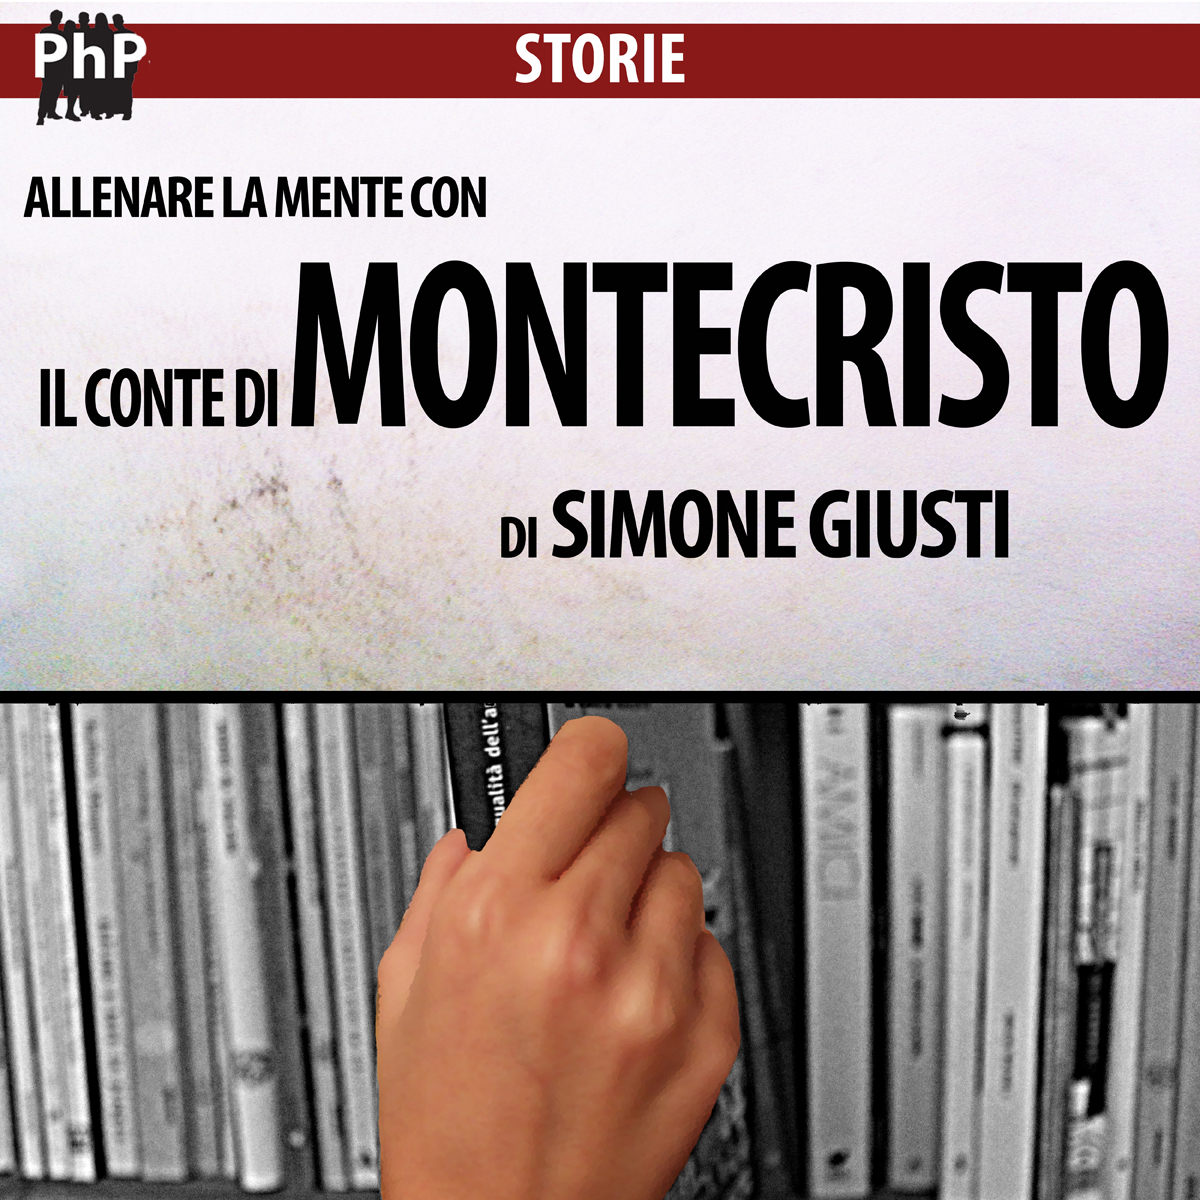 Allenare la mente con il Conte di Montecristo-0